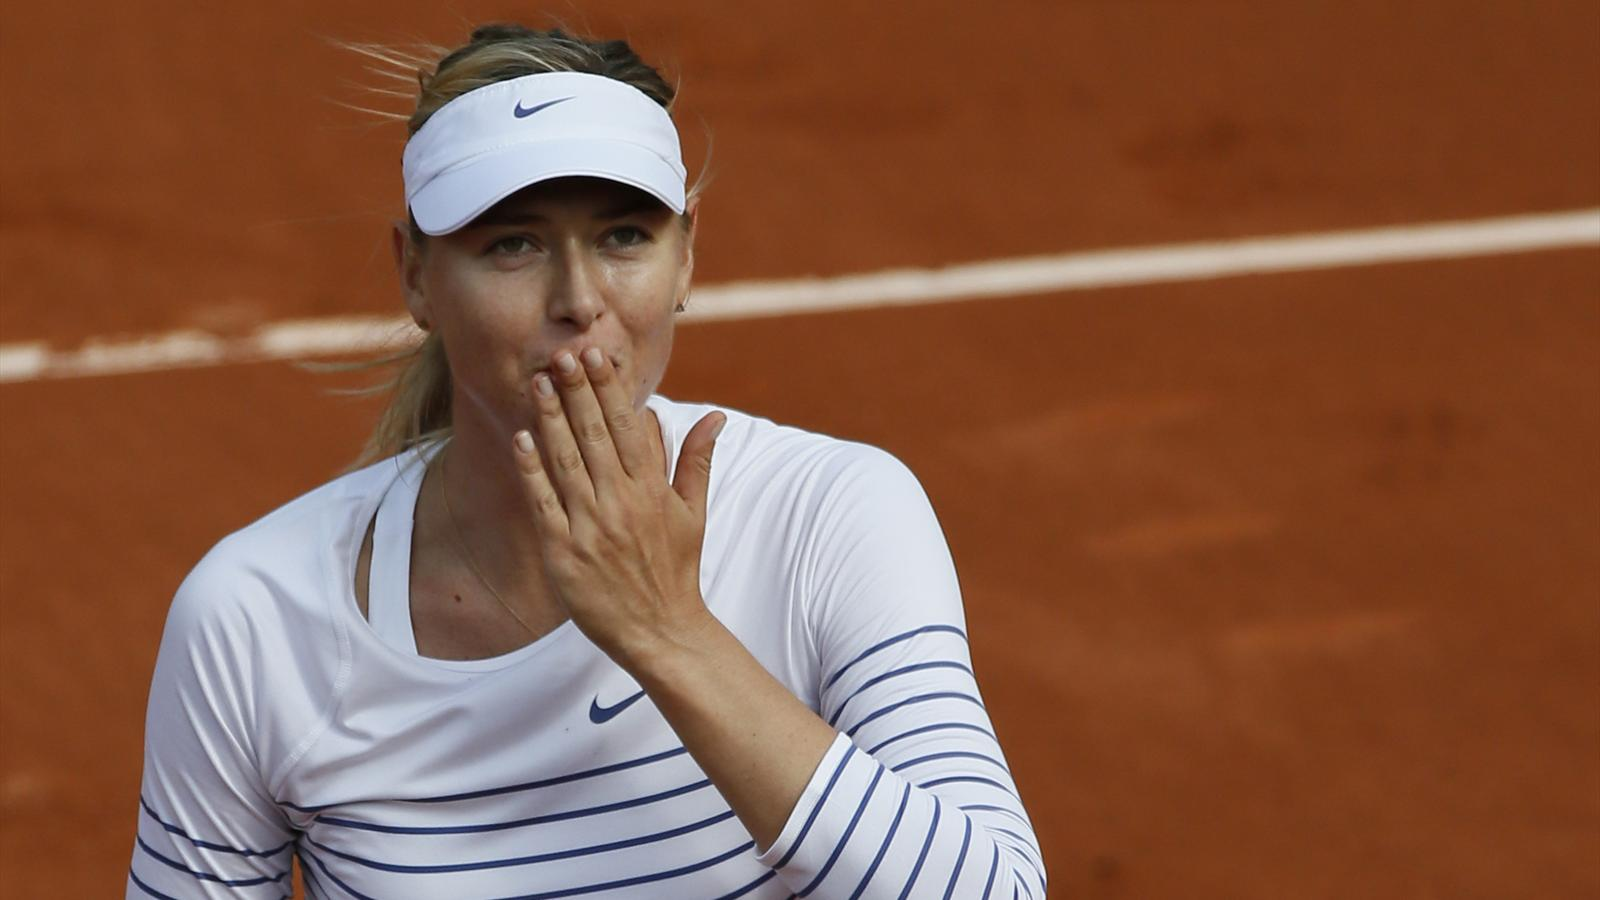 Maria Sharapova au premier tour de Roland-Garros 2015